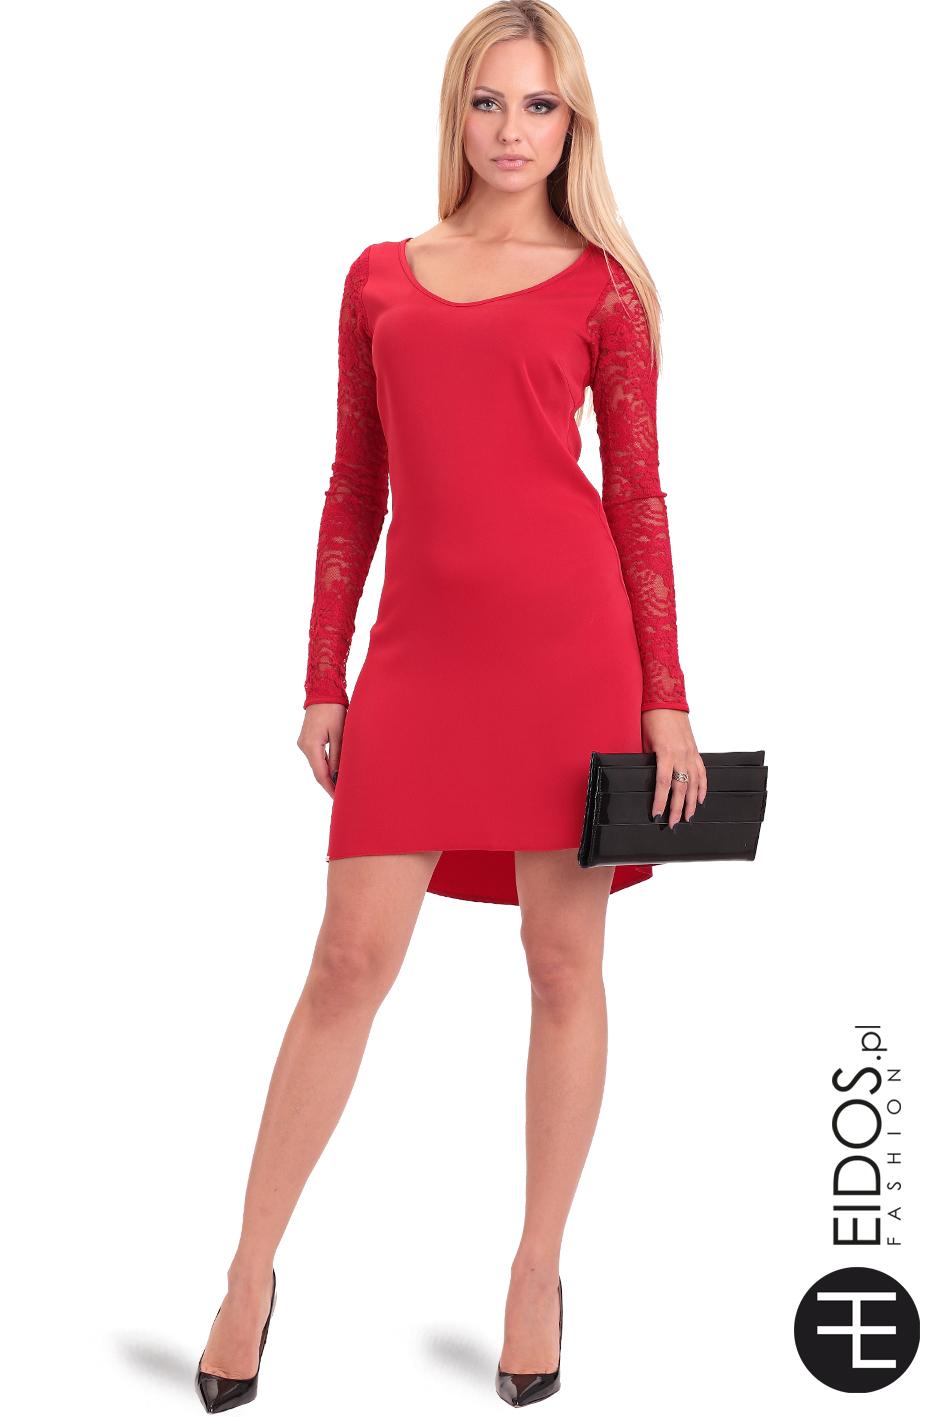 c287f853ff Czerwona sukienka z koronkowym długim rękawem SIMONE - EIDOS.pl